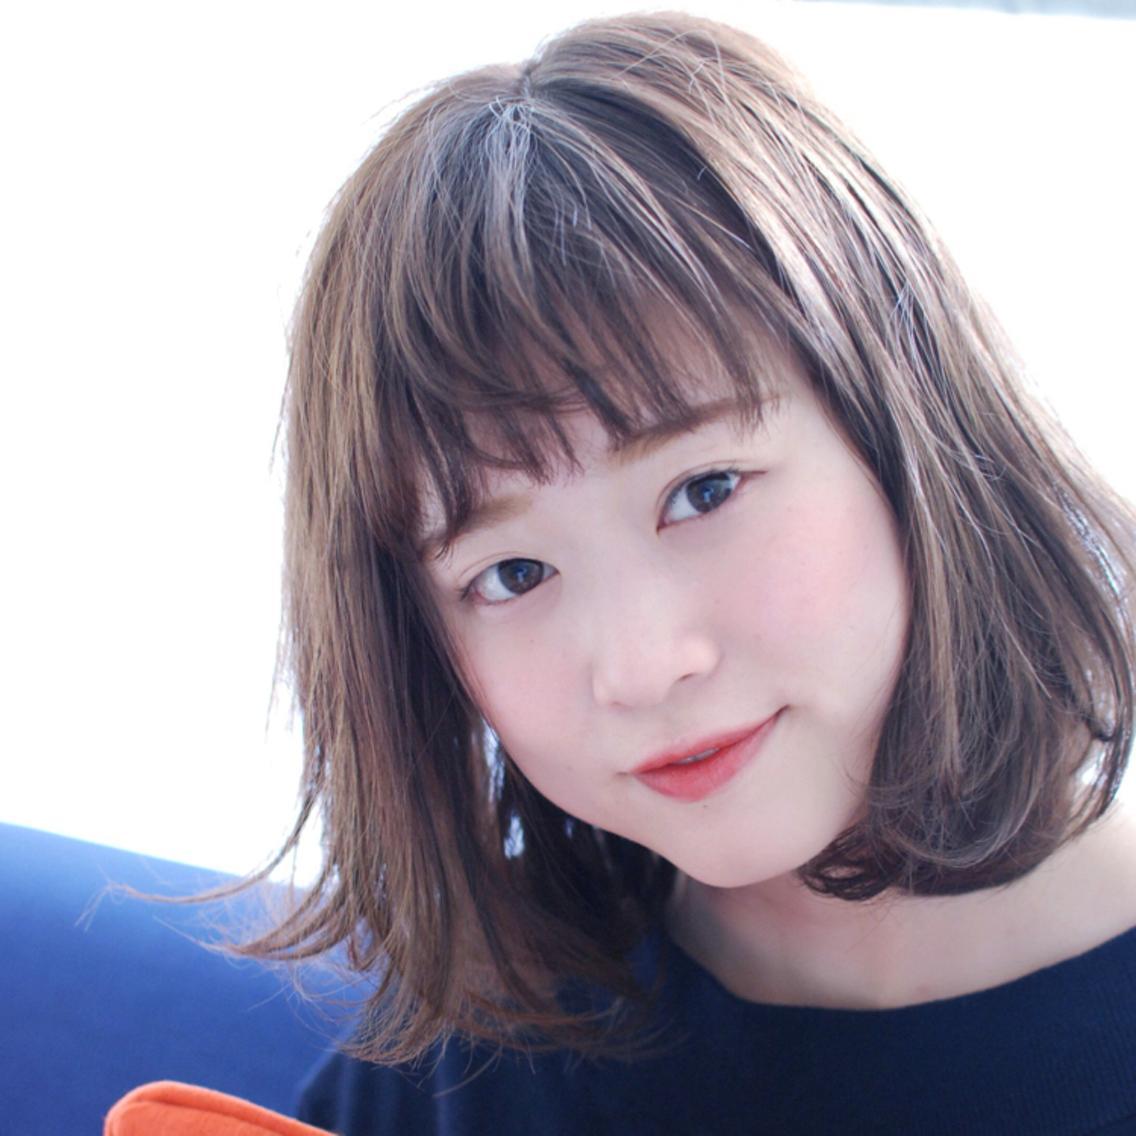 オープン1周年記念ミニモ限定クーポン!!撮影モデルも随時募集中!!